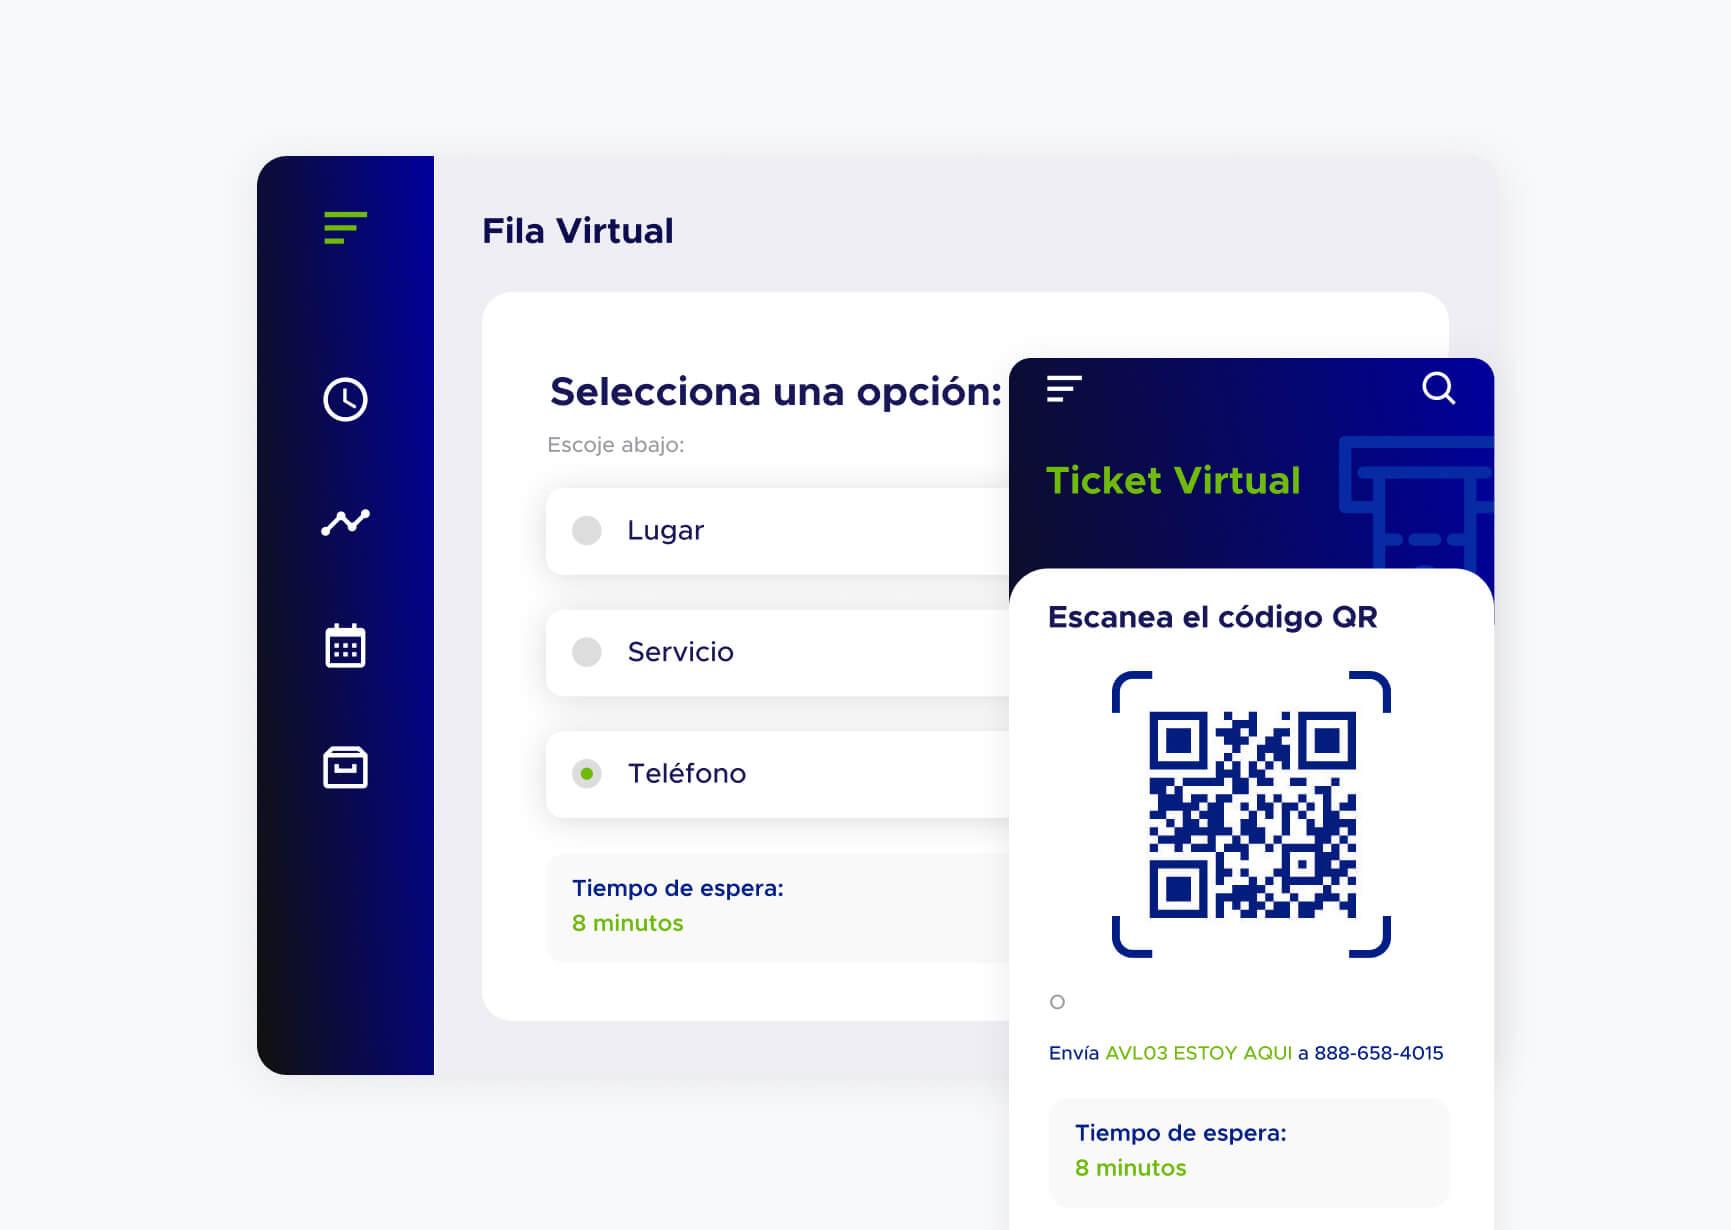 Vista de la aplicación de Fila virtual de ACF Technologies